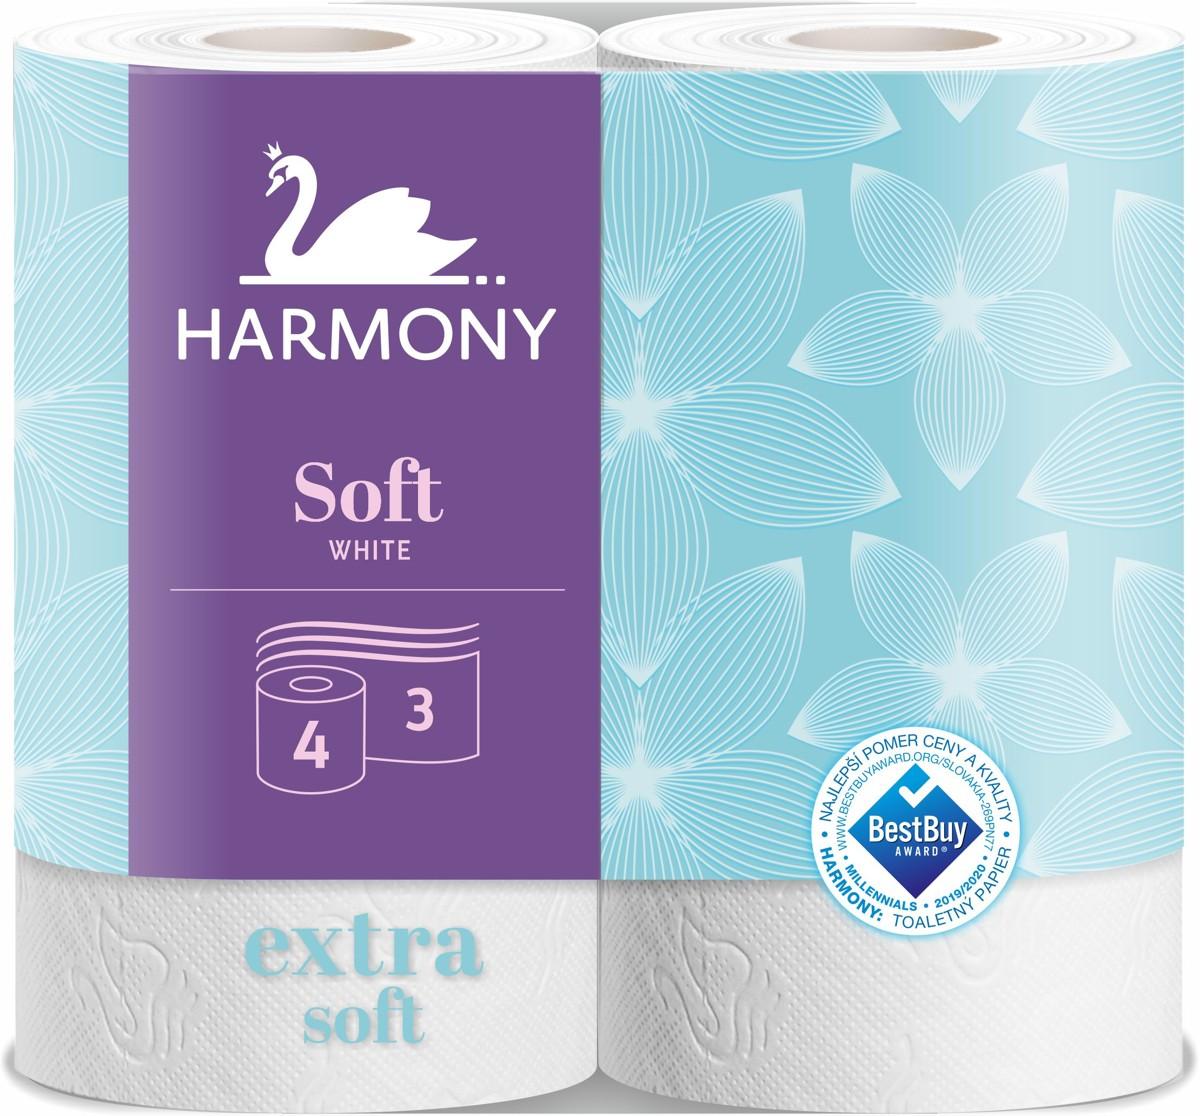 Papír toaletní Harmony Soft 160 útržků 3 vrstvý recykl bílý / 4 ks